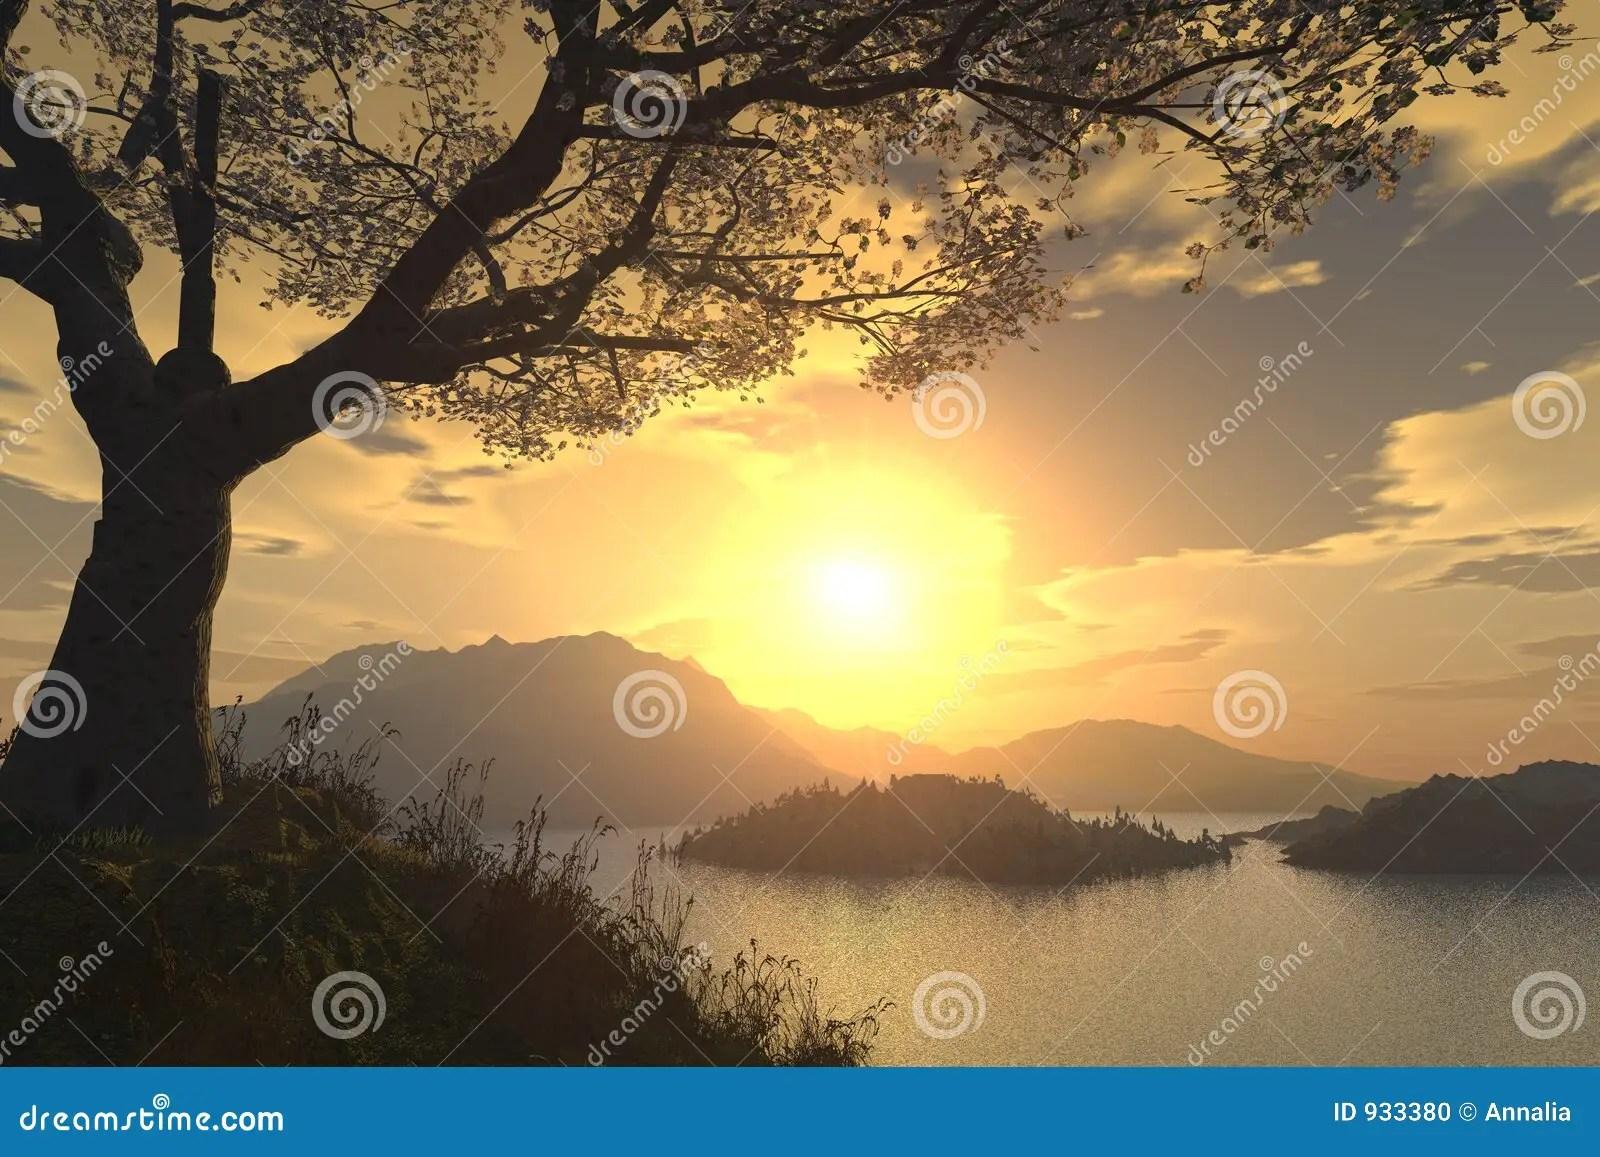 Paesaggio romantico illustrazione di stock Illustrazione